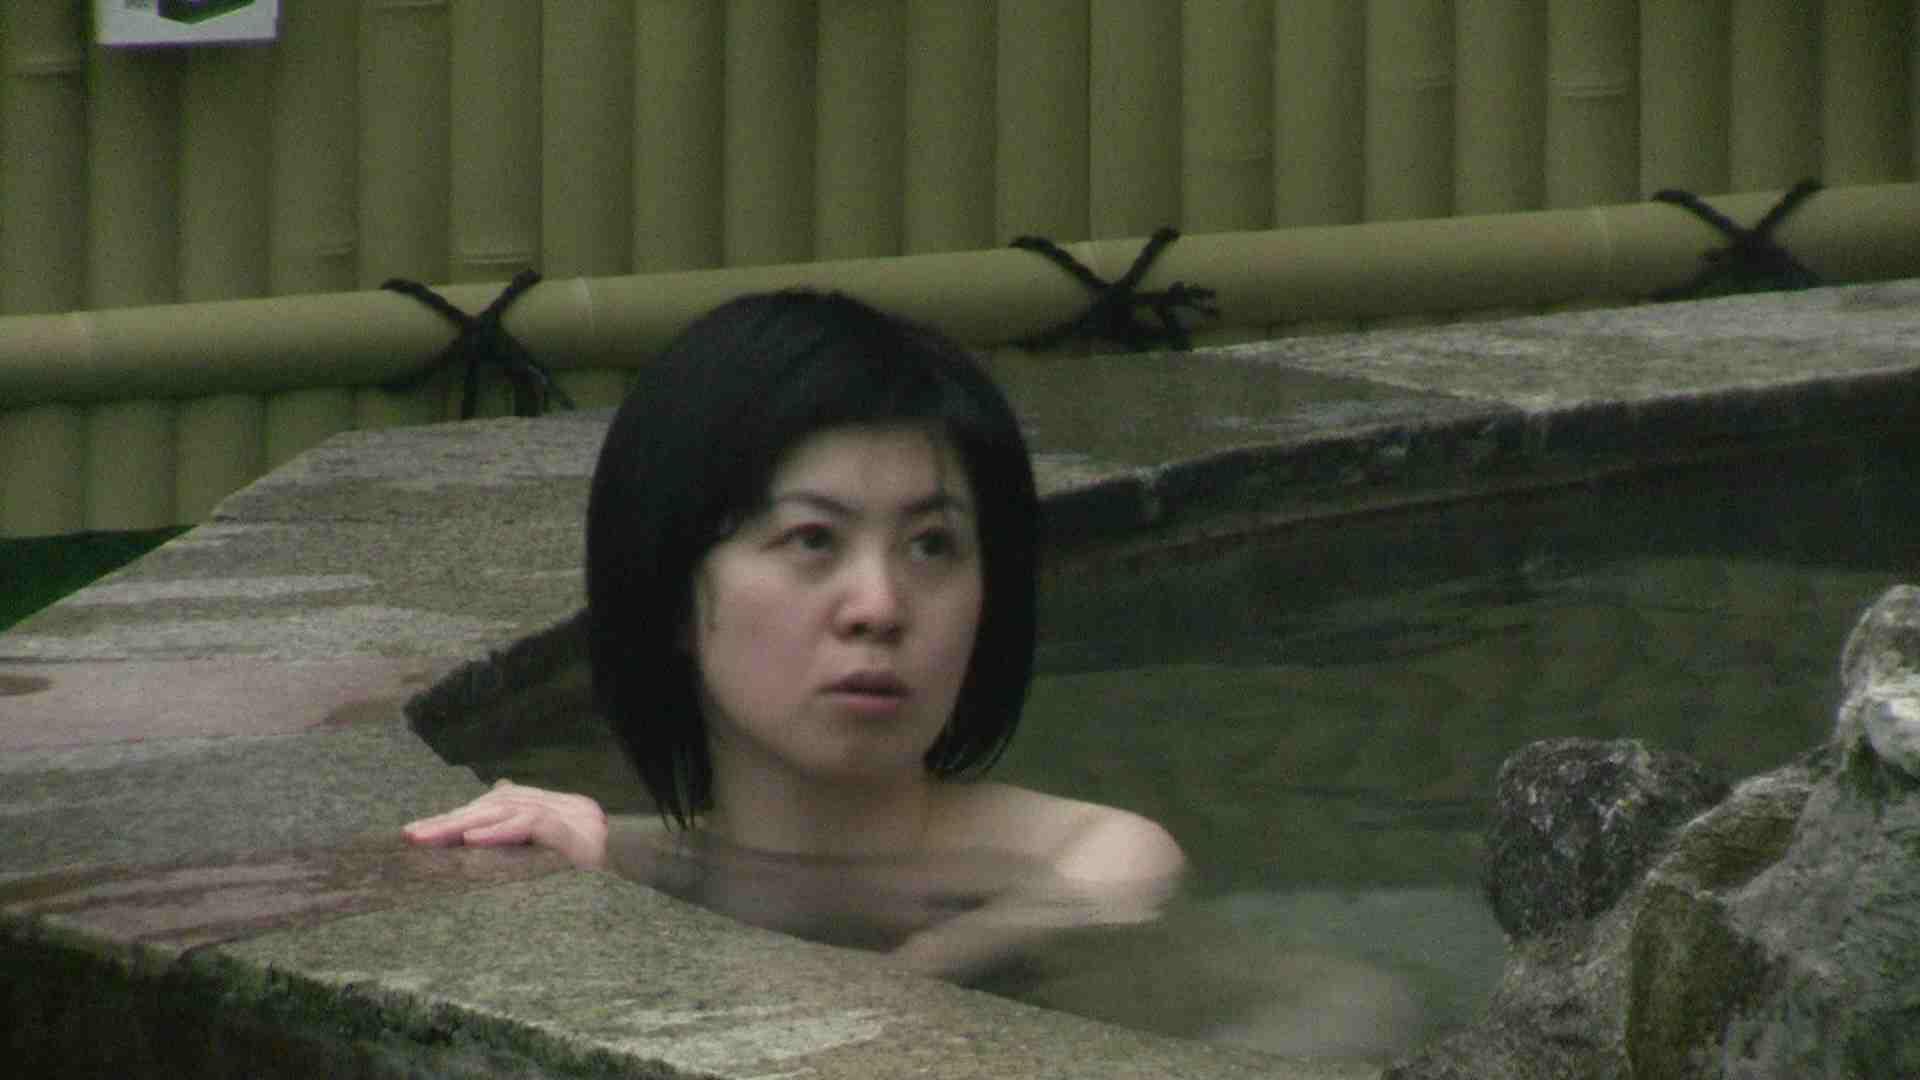 Aquaな露天風呂Vol.685 美しいOLの裸体 スケベ動画紹介 88pic 41